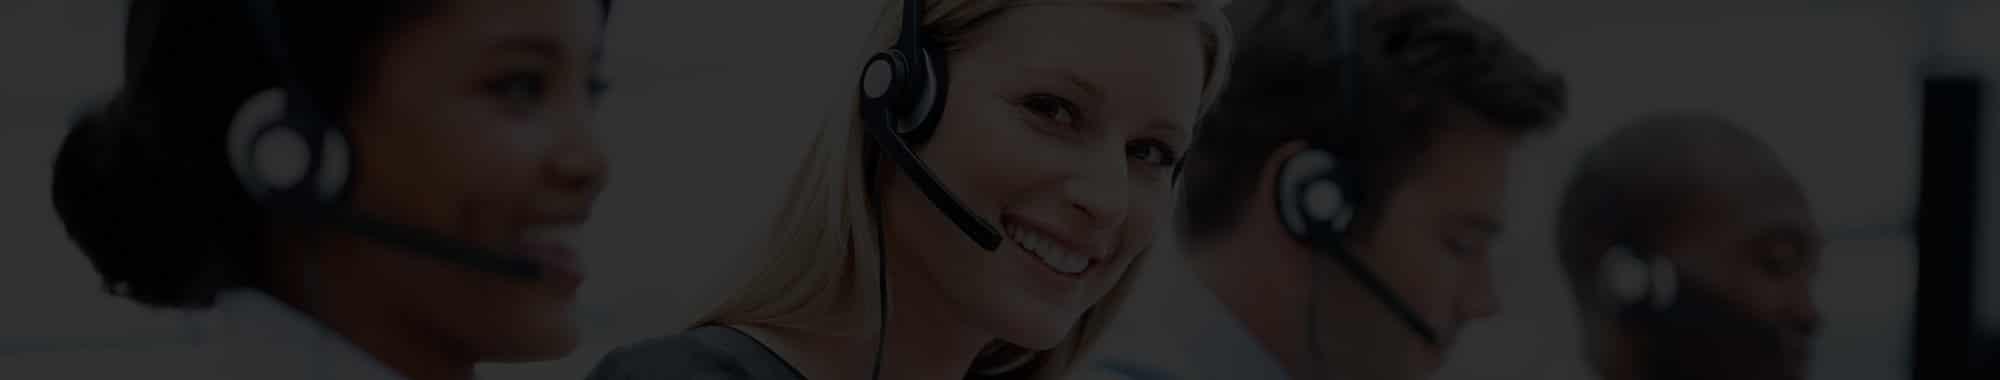 tecno contact page